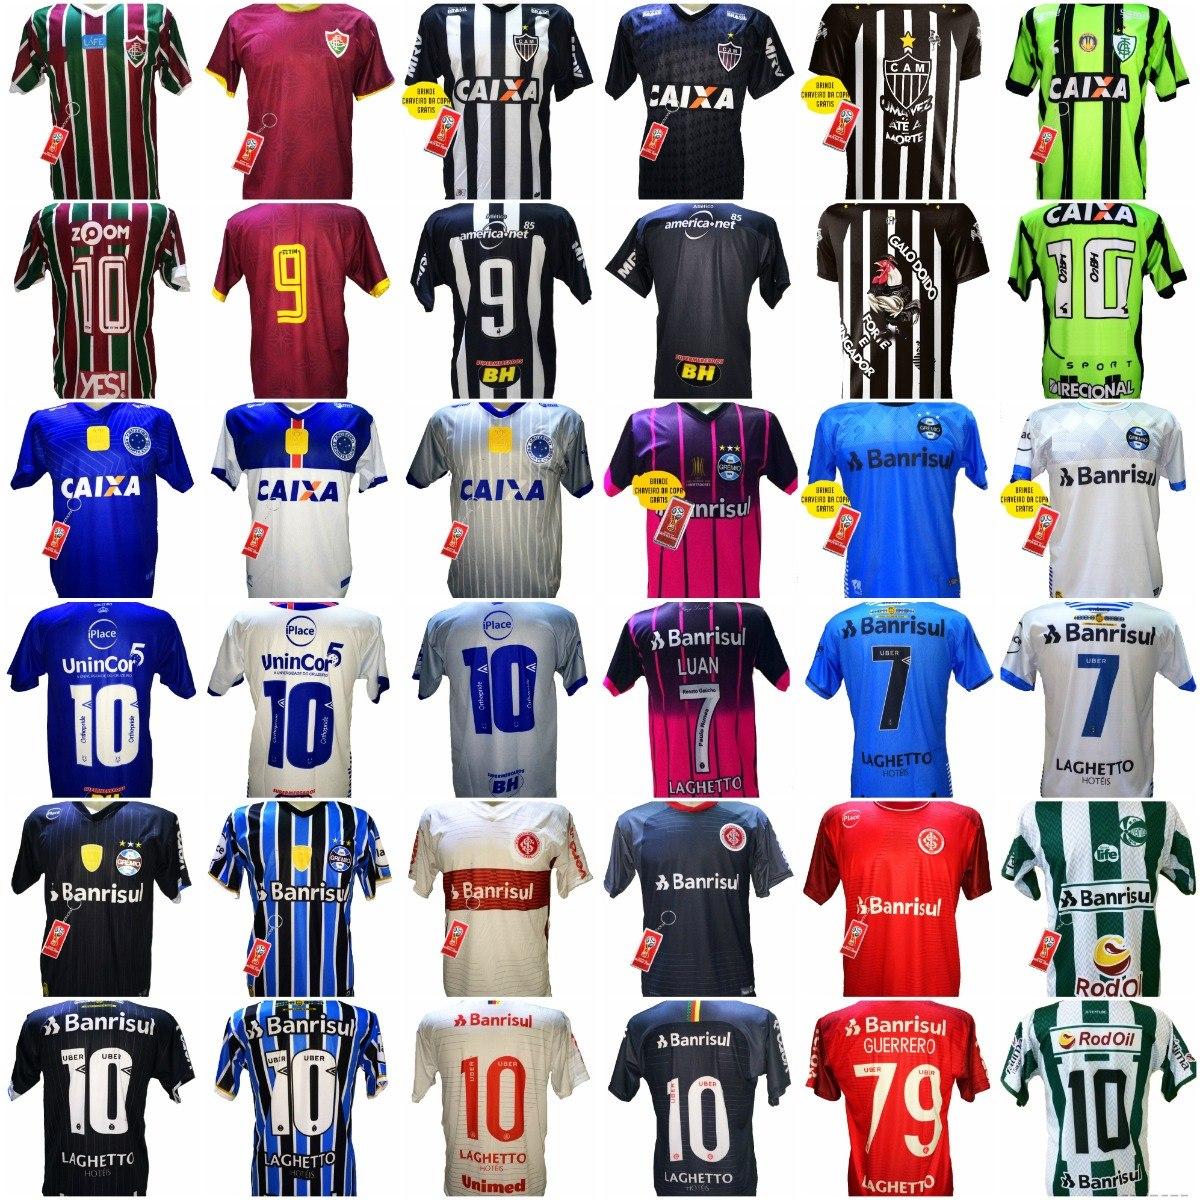 Camisa Futebol Kit 3 Por 69 fb9054461a339